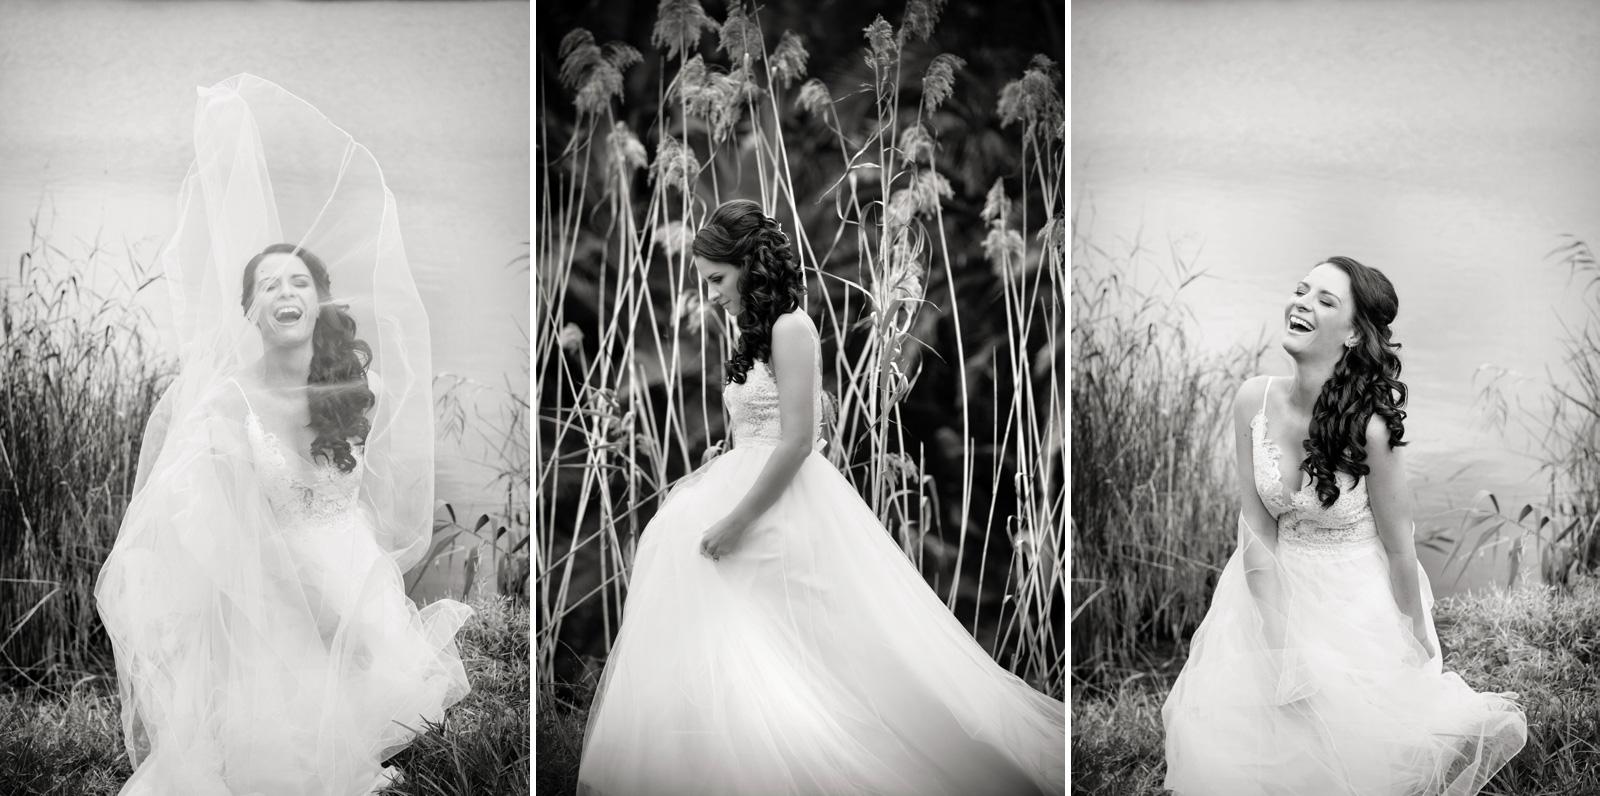 Casey Jeanne wedding dress